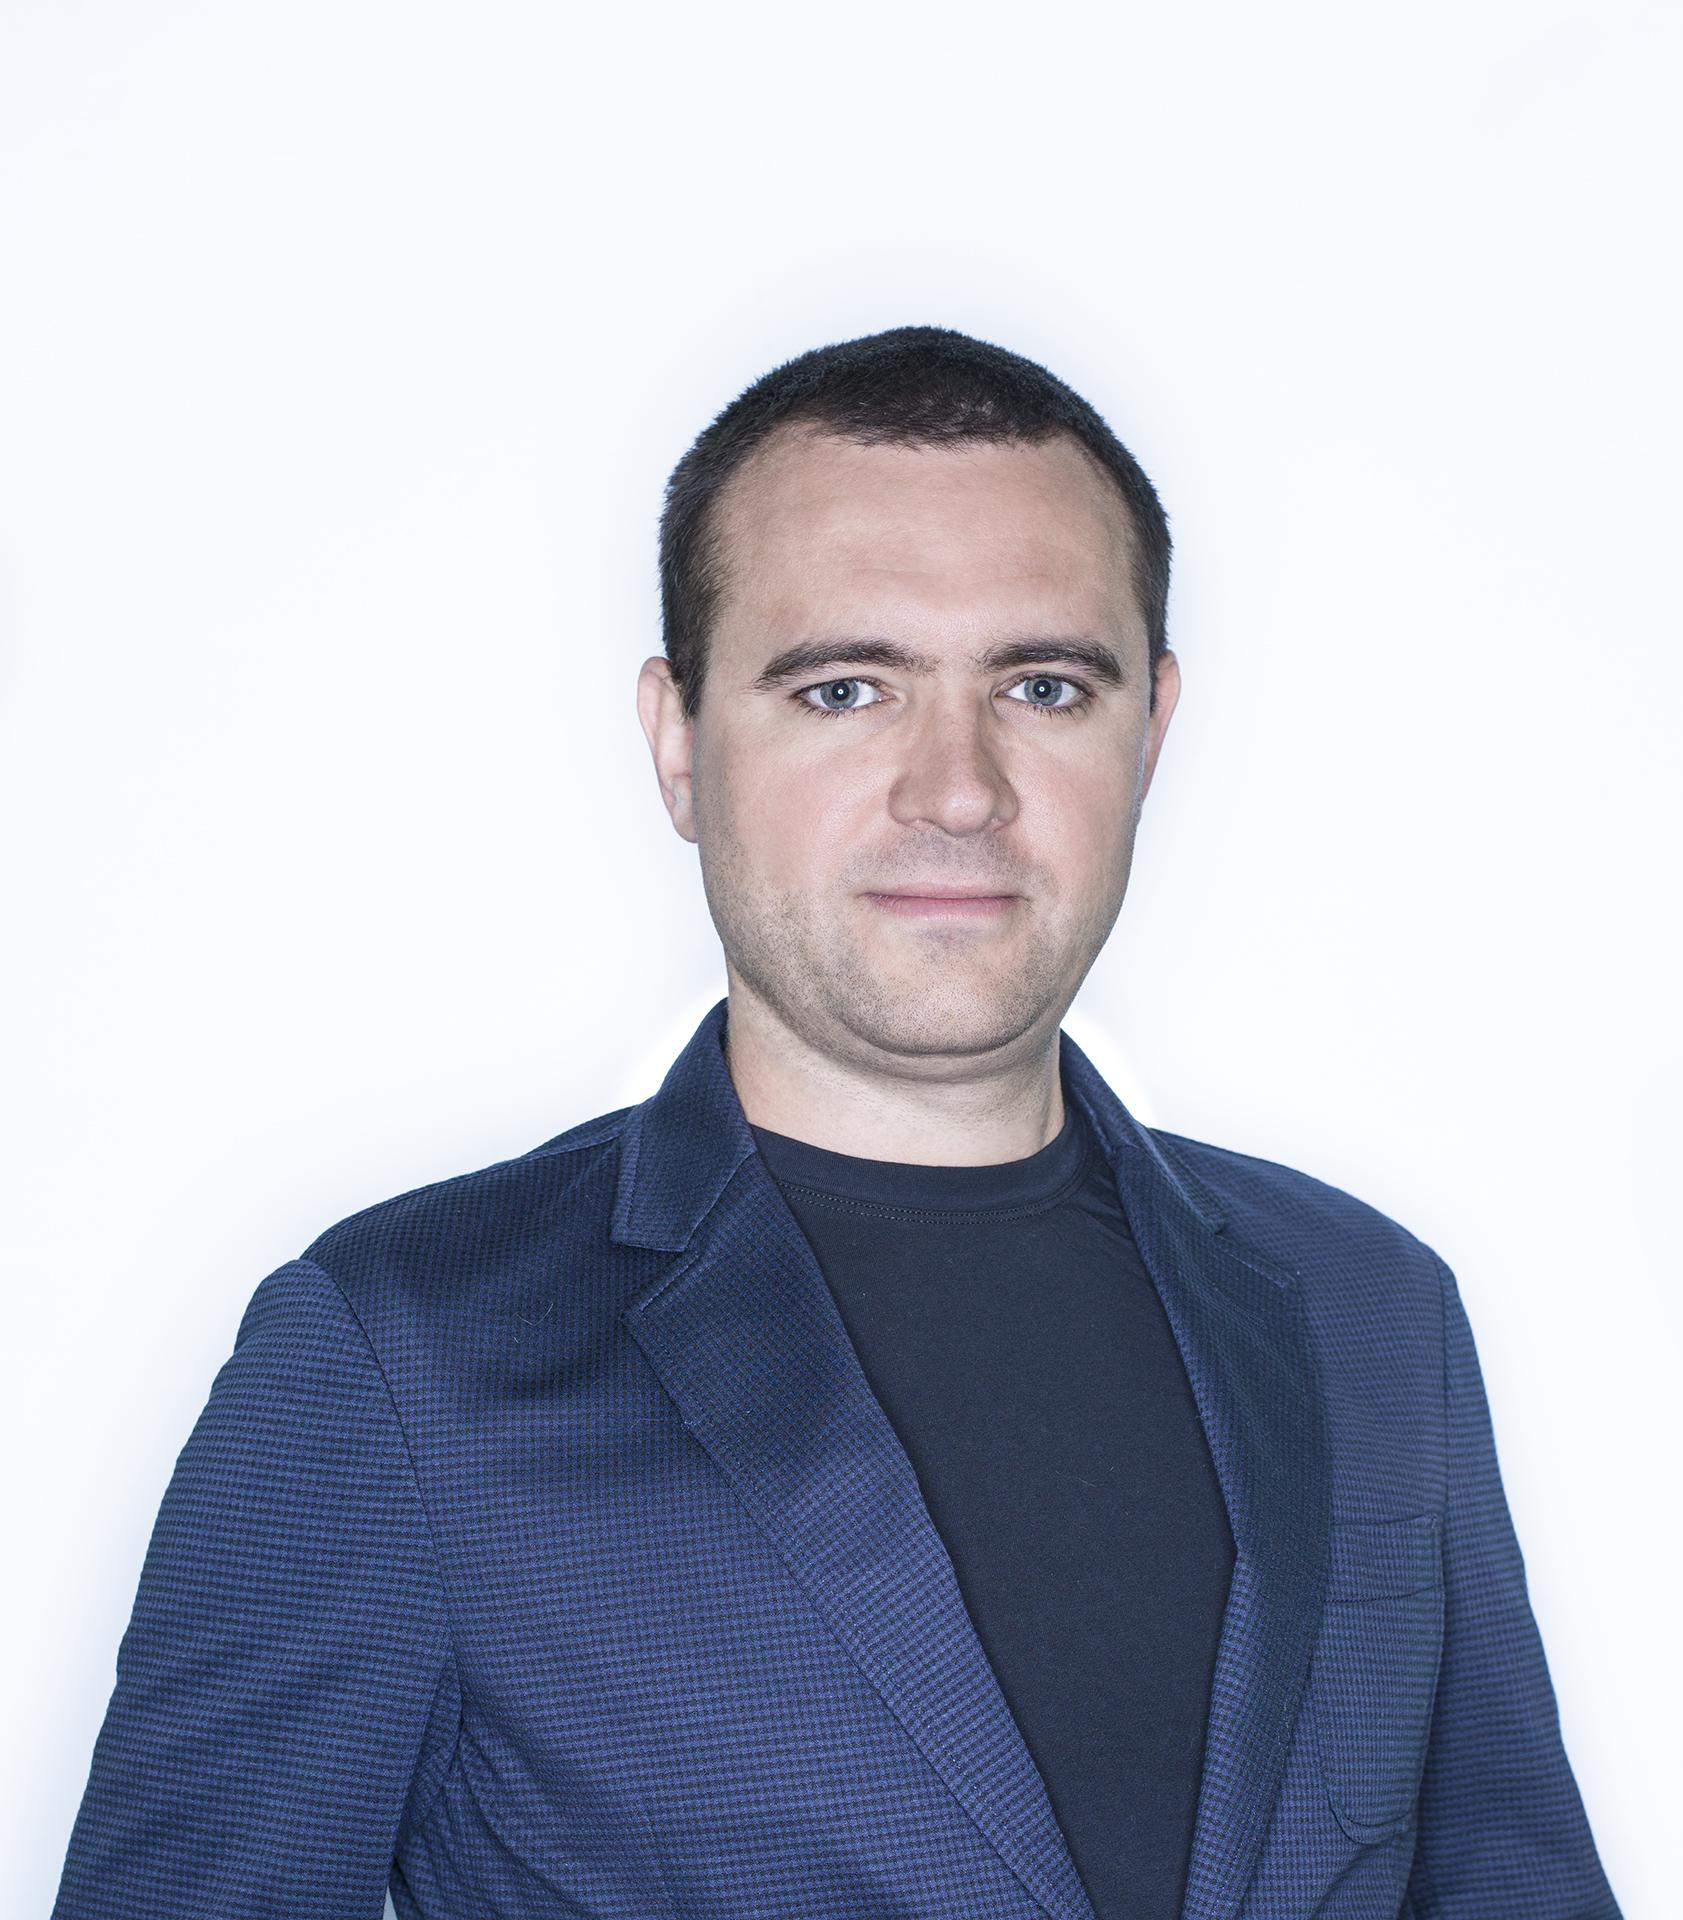 Nowy dyrektor w Komputronik API